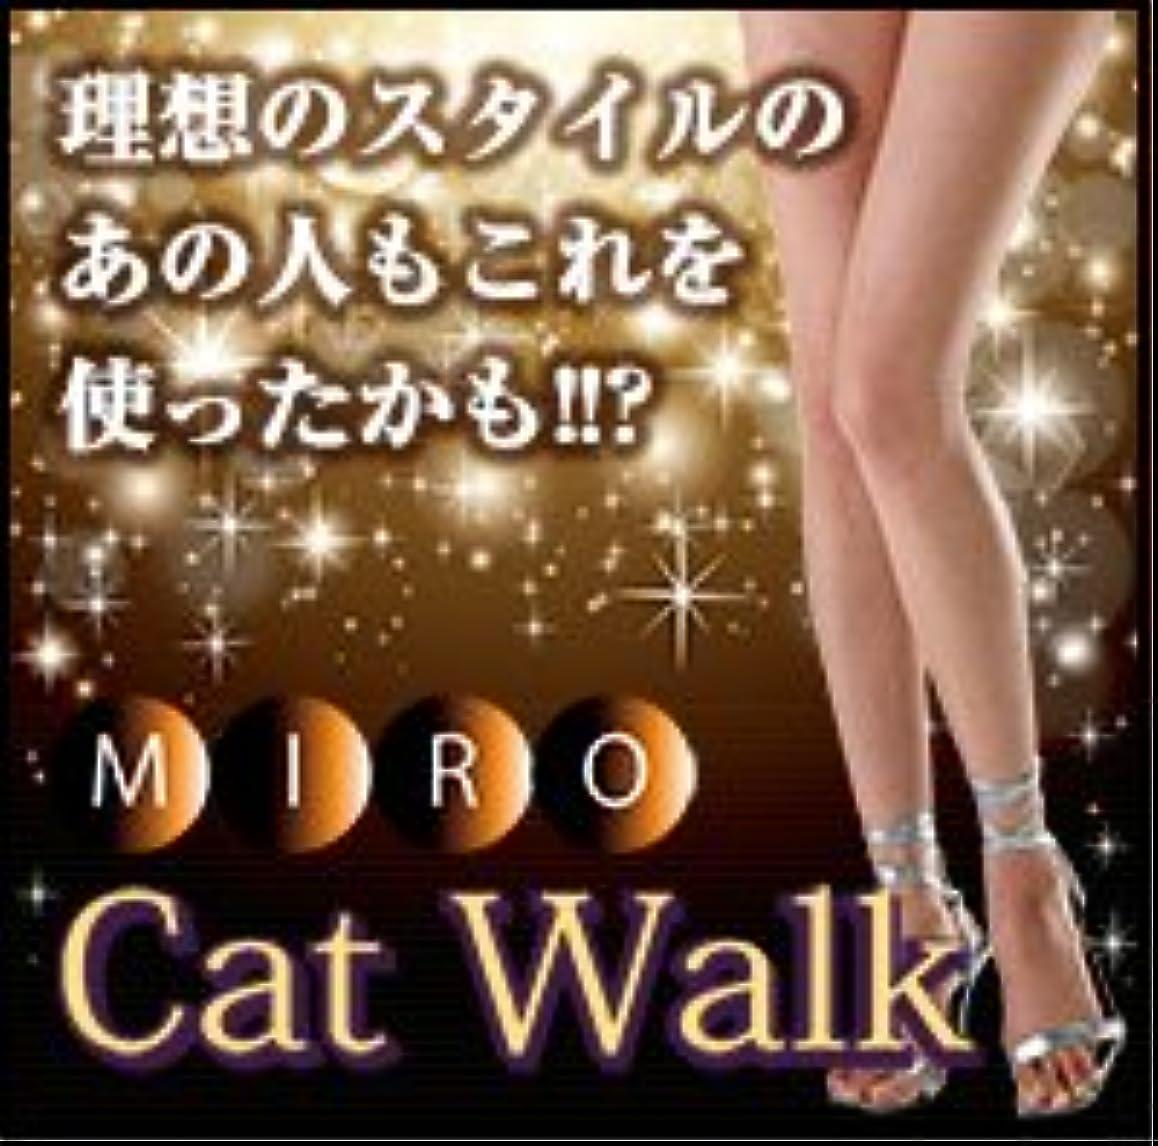 持続する姿を消す追い付くMIRO CAT Walk(ミロ キャットウォーク)/理想のスタイルのあの人もこれを使ったかも!?【CC】